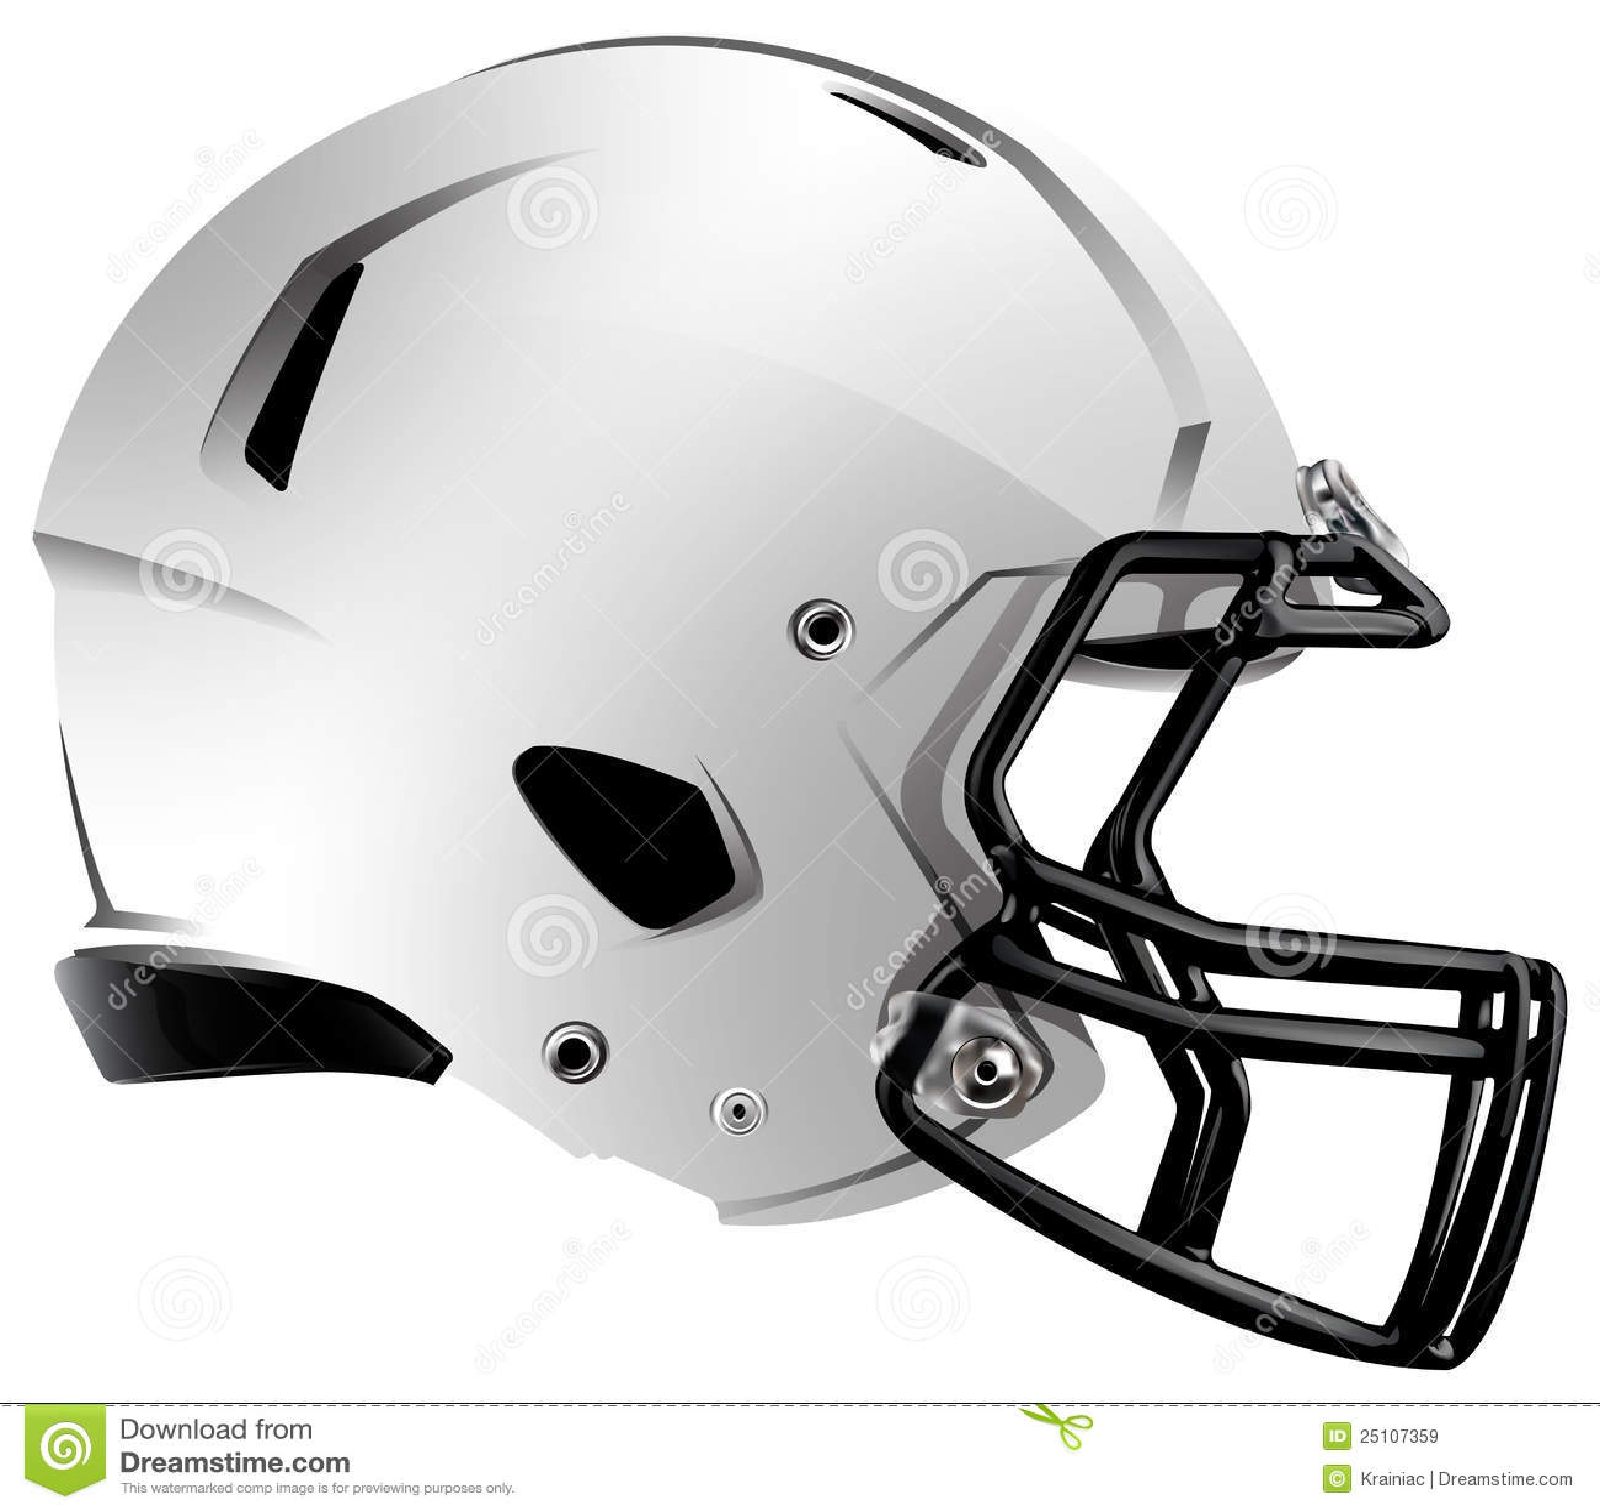 Ilustración moderna del casco de balompié